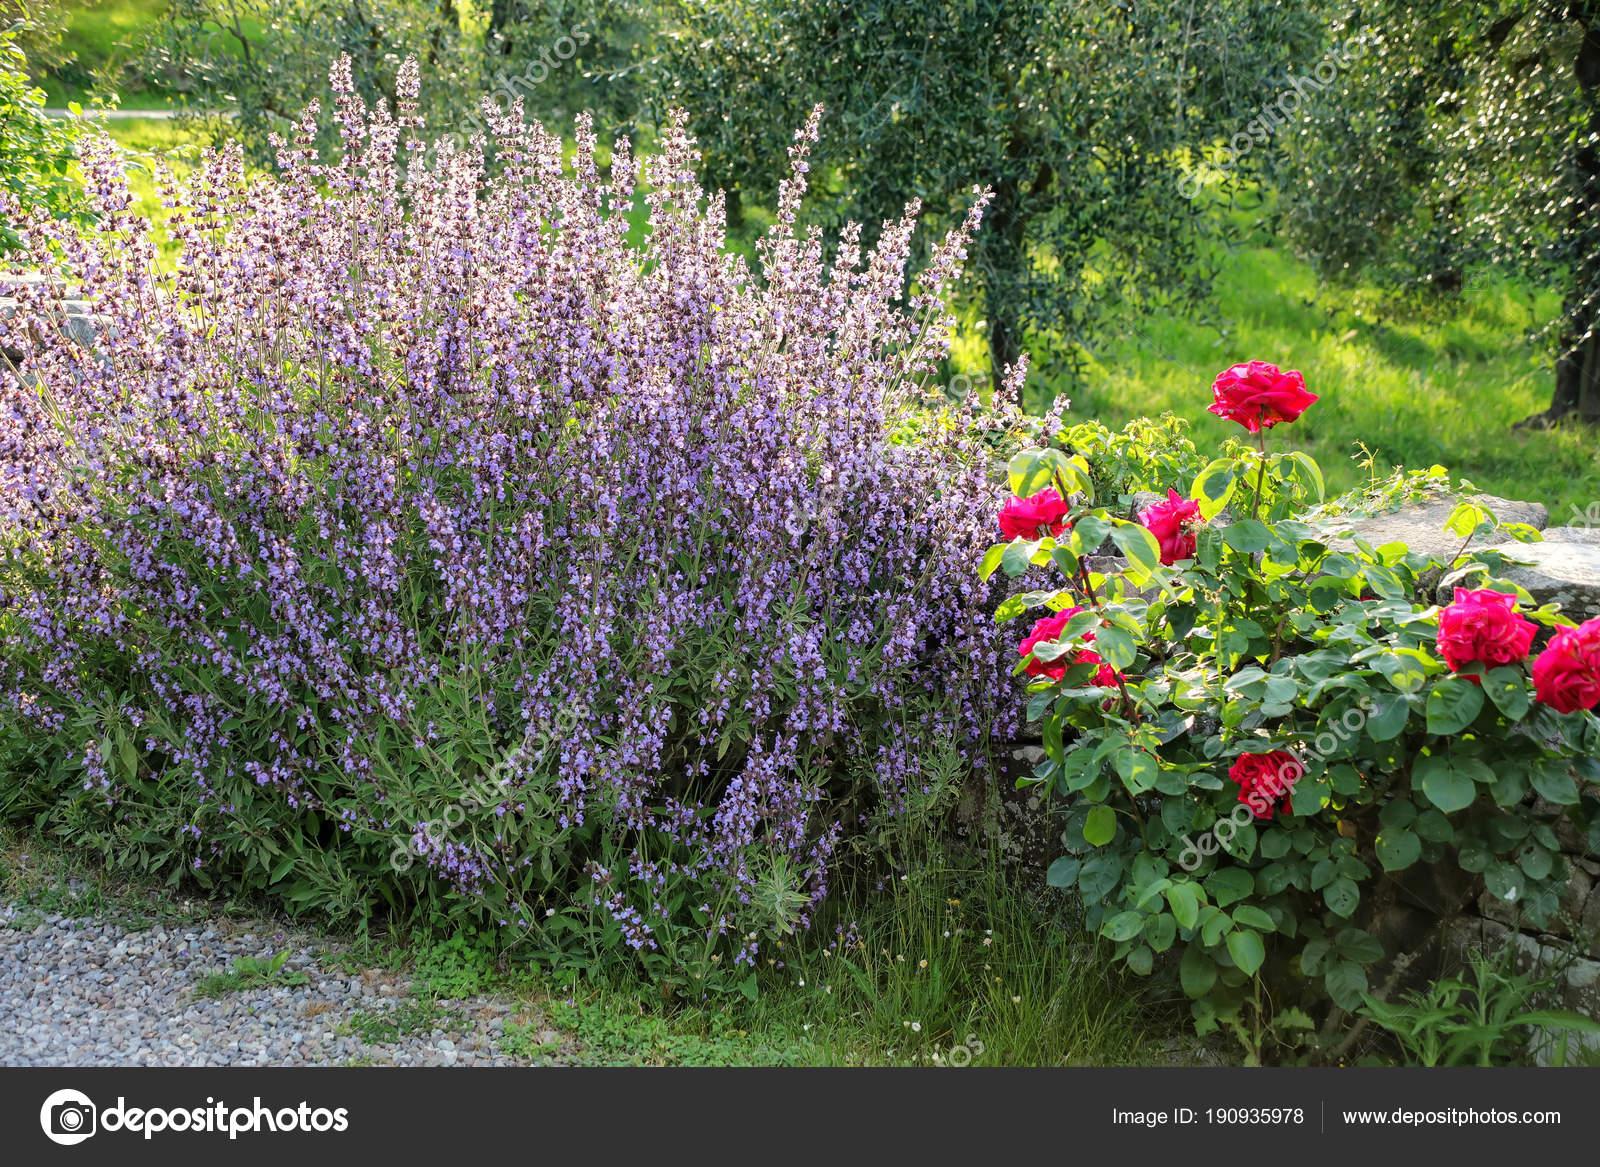 Atemberaubend Lavendel Und Rosen Sträucher Einem Garten Mit Olivenbäumen #QR_17